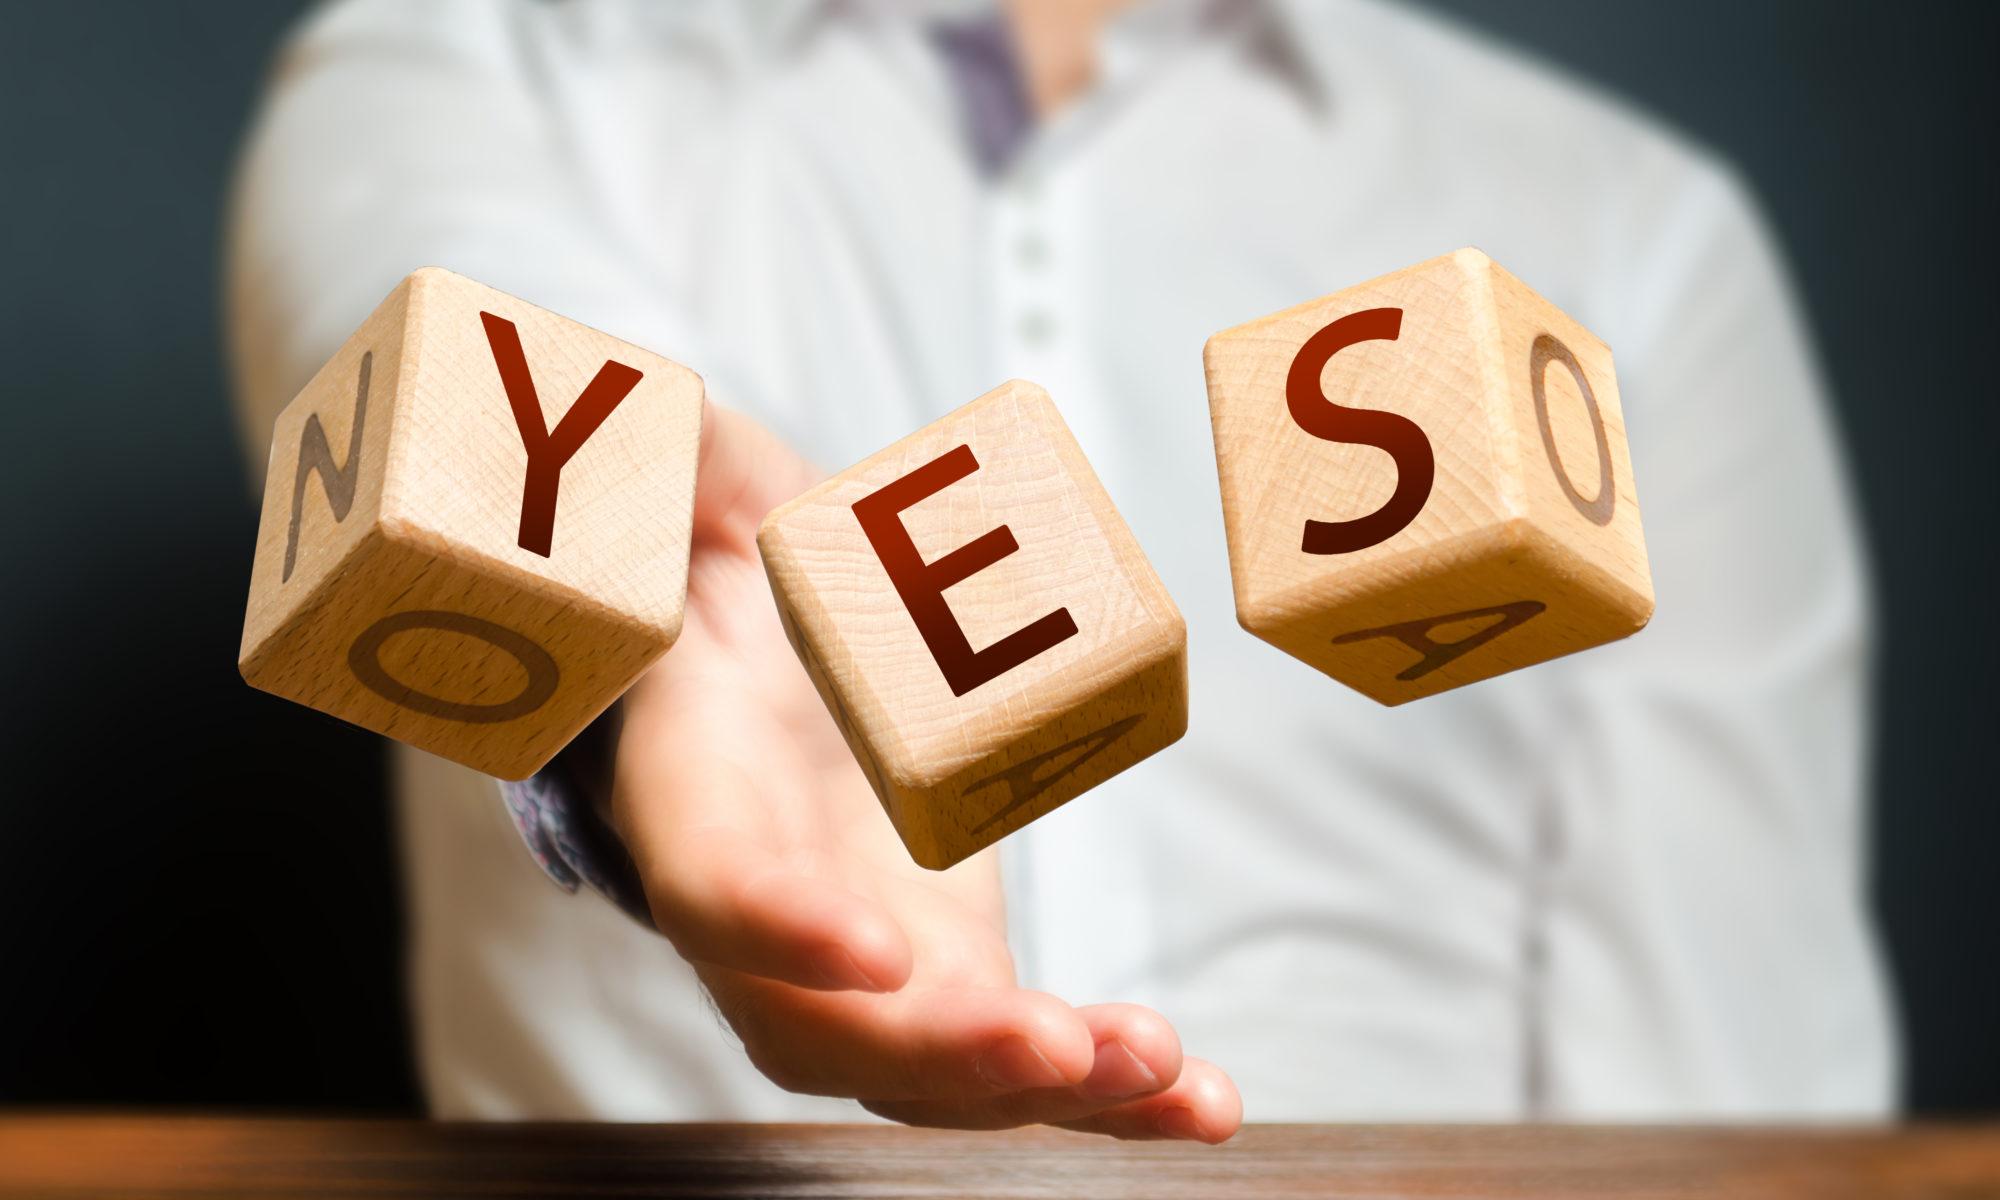 """איש זורק קוביות שמאייתות את המילה """"כן"""""""